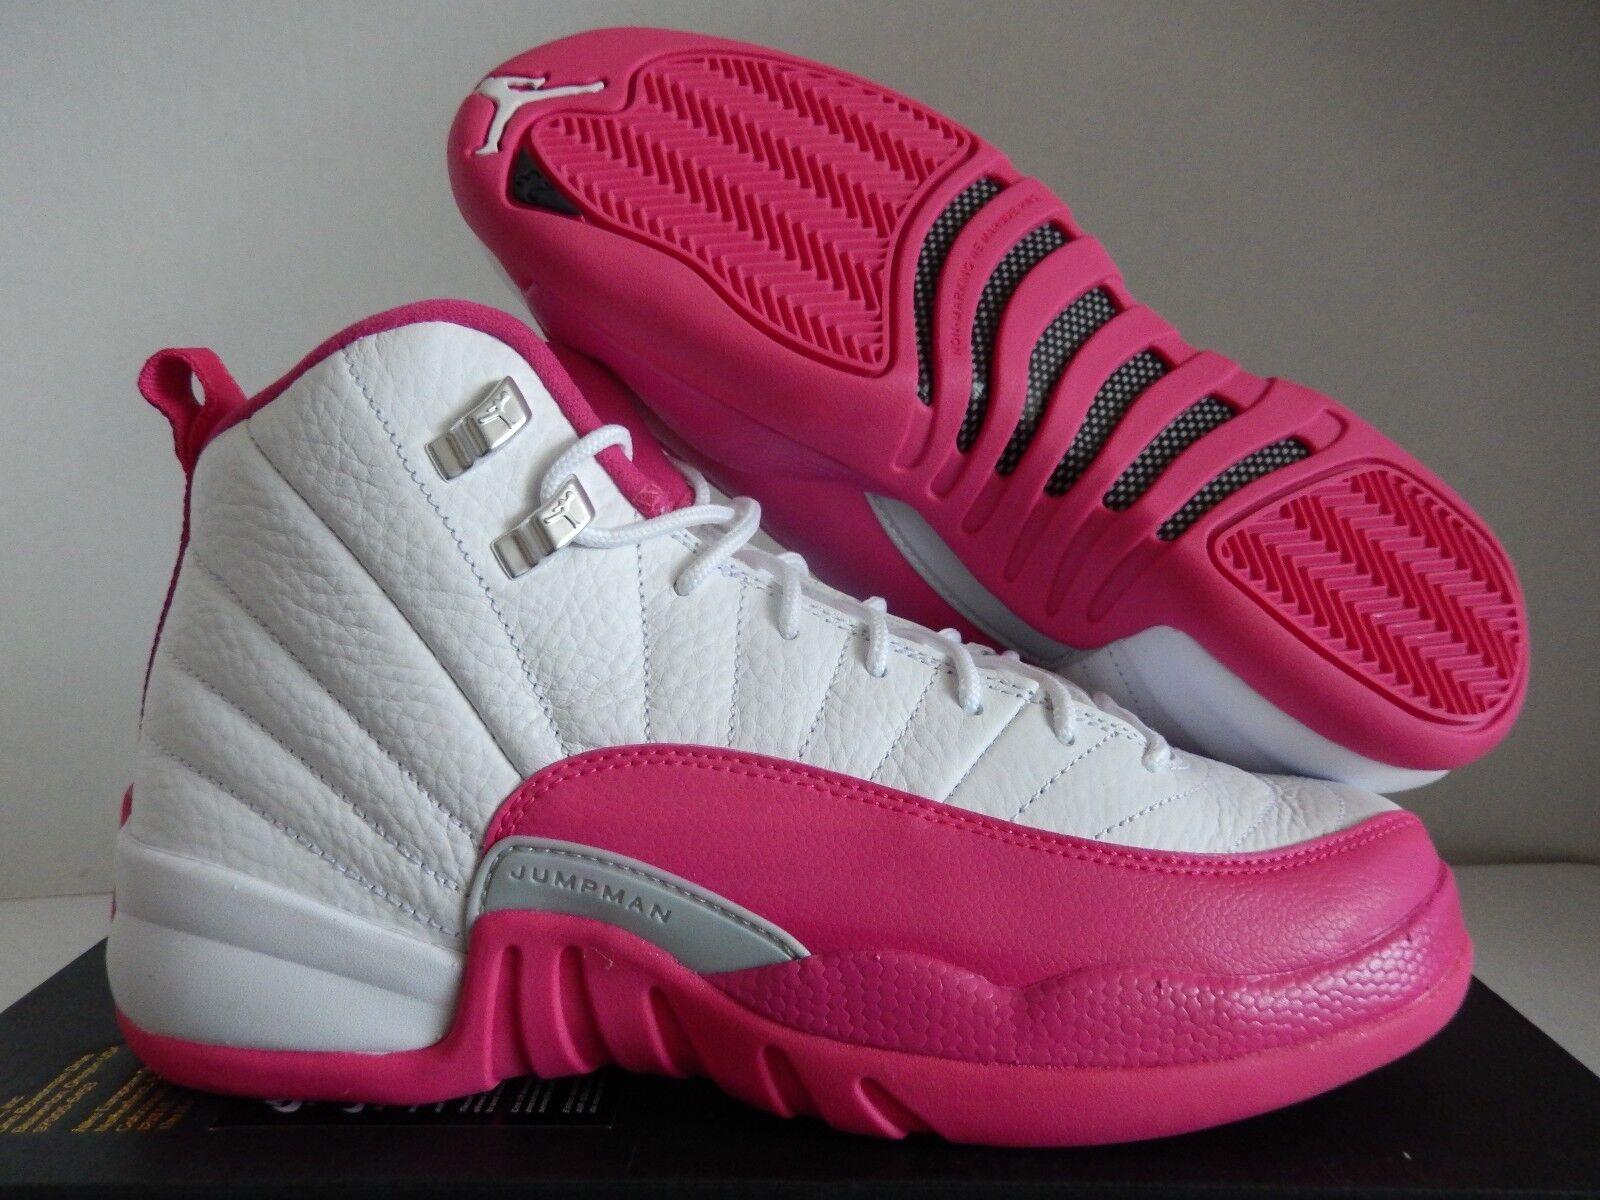 """online retailer 0e102 b5c21 Nike Air Jordan 12 Retro Retro Retro BlancoVivos RosaPlata YPara Hombre   5108152018  f784d1. """""""